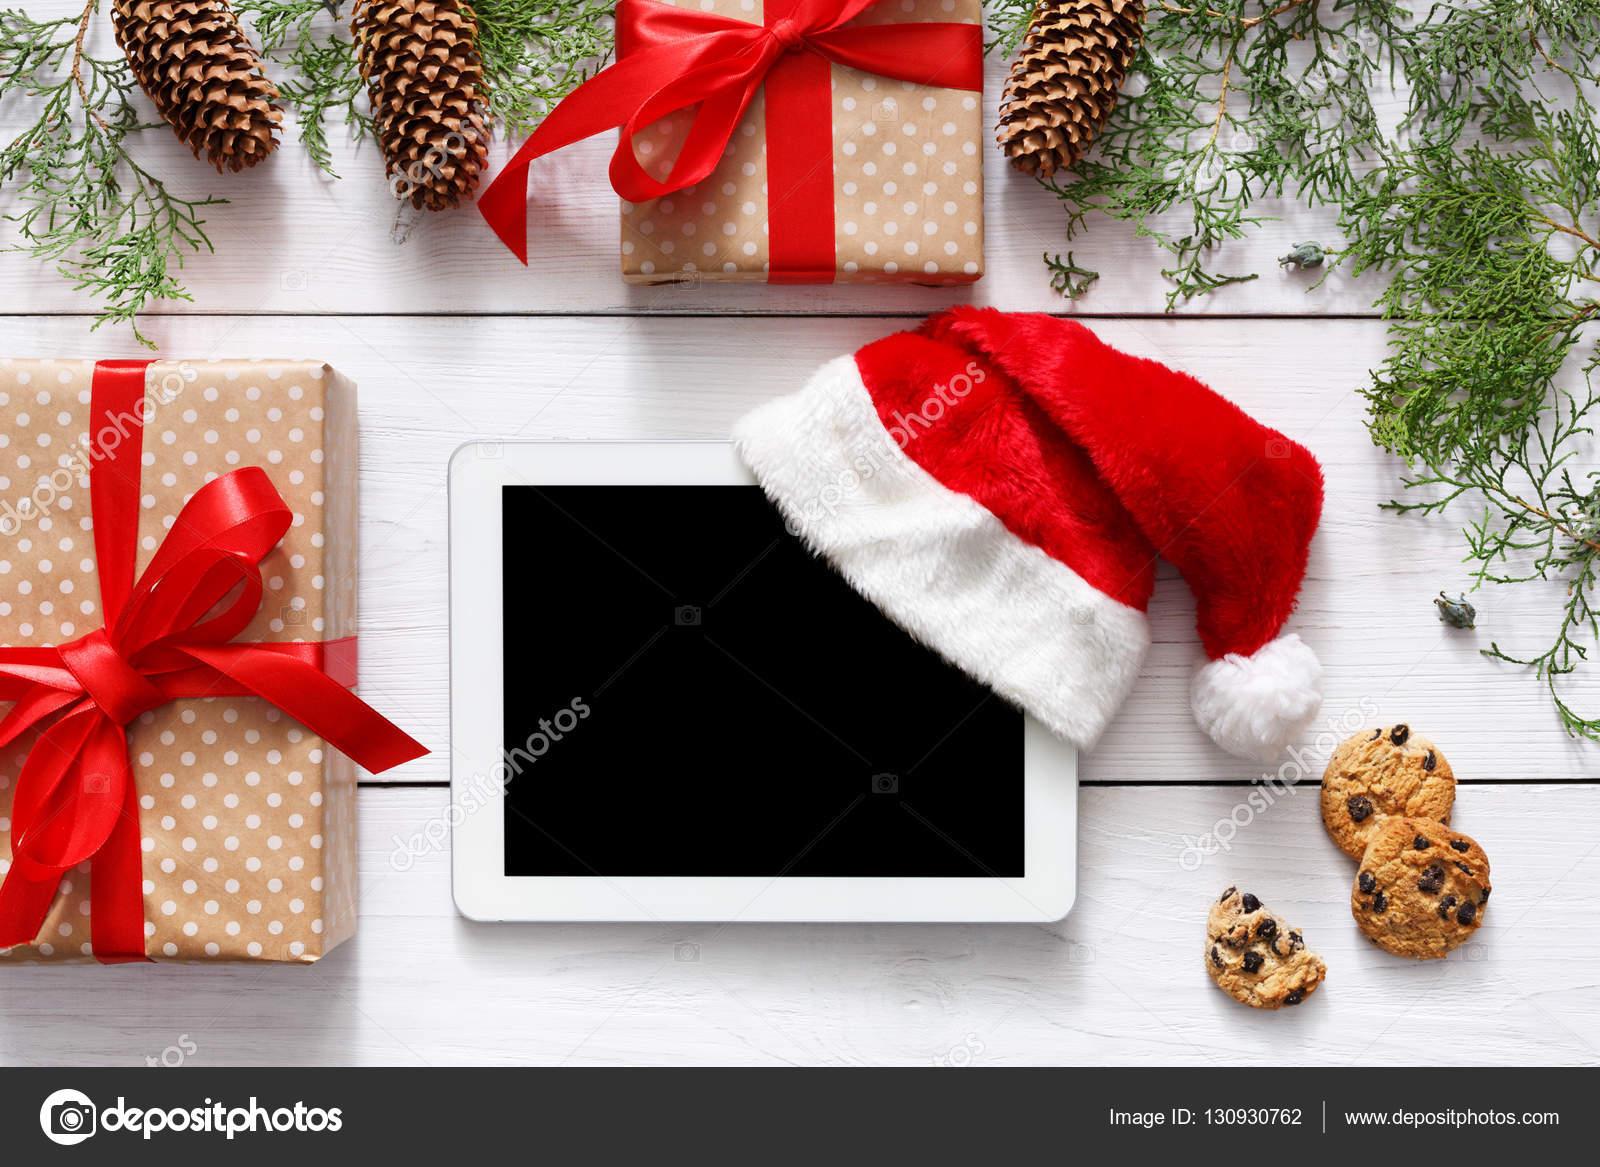 Weihnachten Online-shopping-Hintergrund — Stockfoto © Milkos #130930762